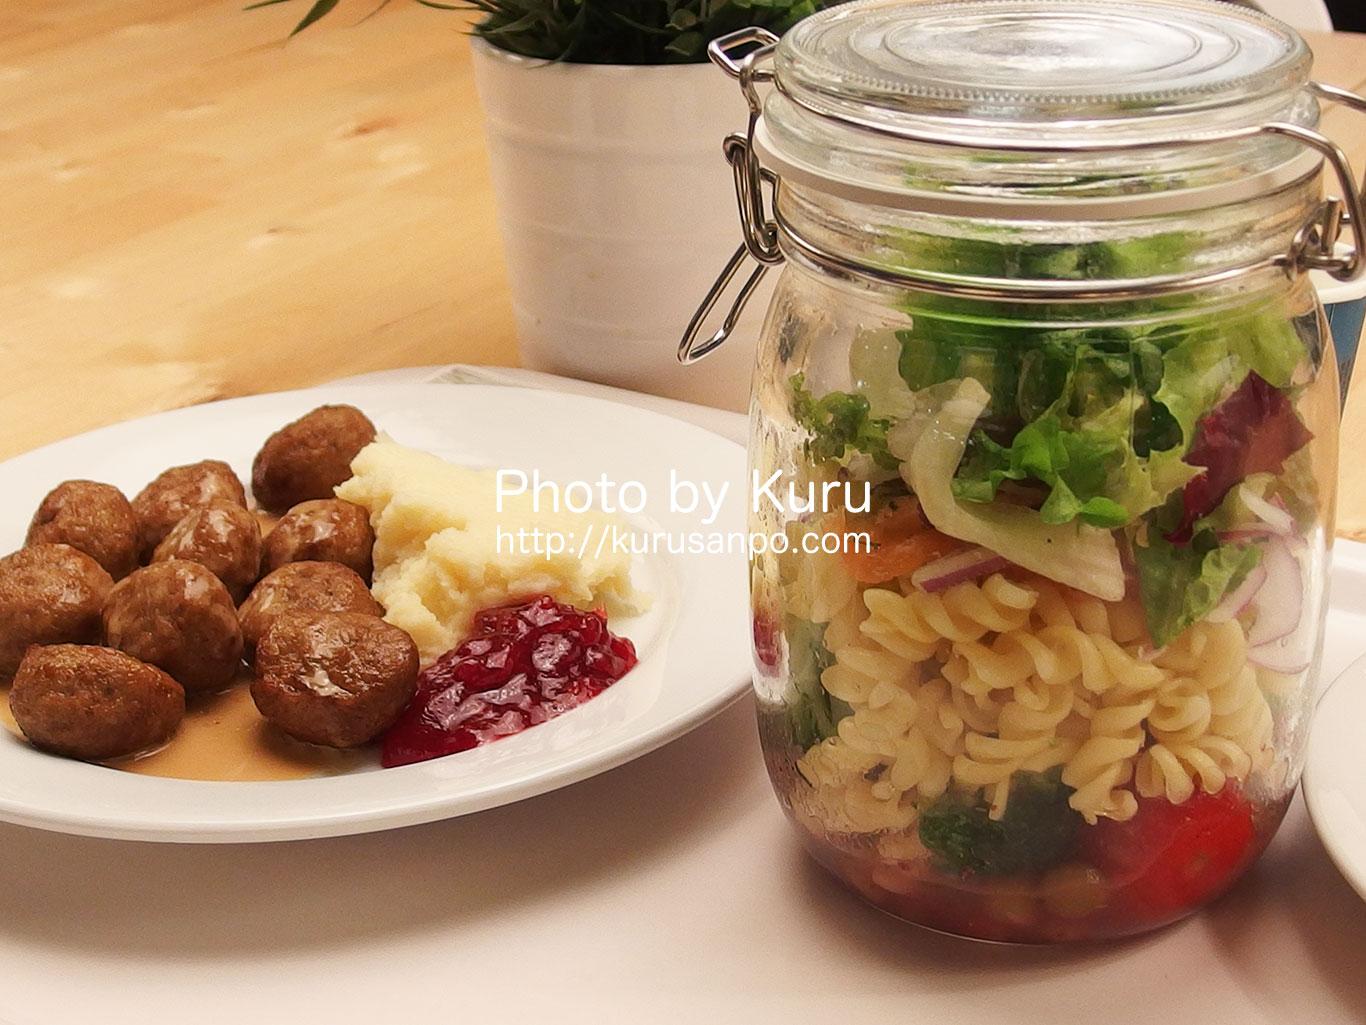 IKEA(イケア)で『スウェーデンスタイルのジャーサラダ』を楽しんできた♪[2015年4月23日(木)~30日(木)まで]